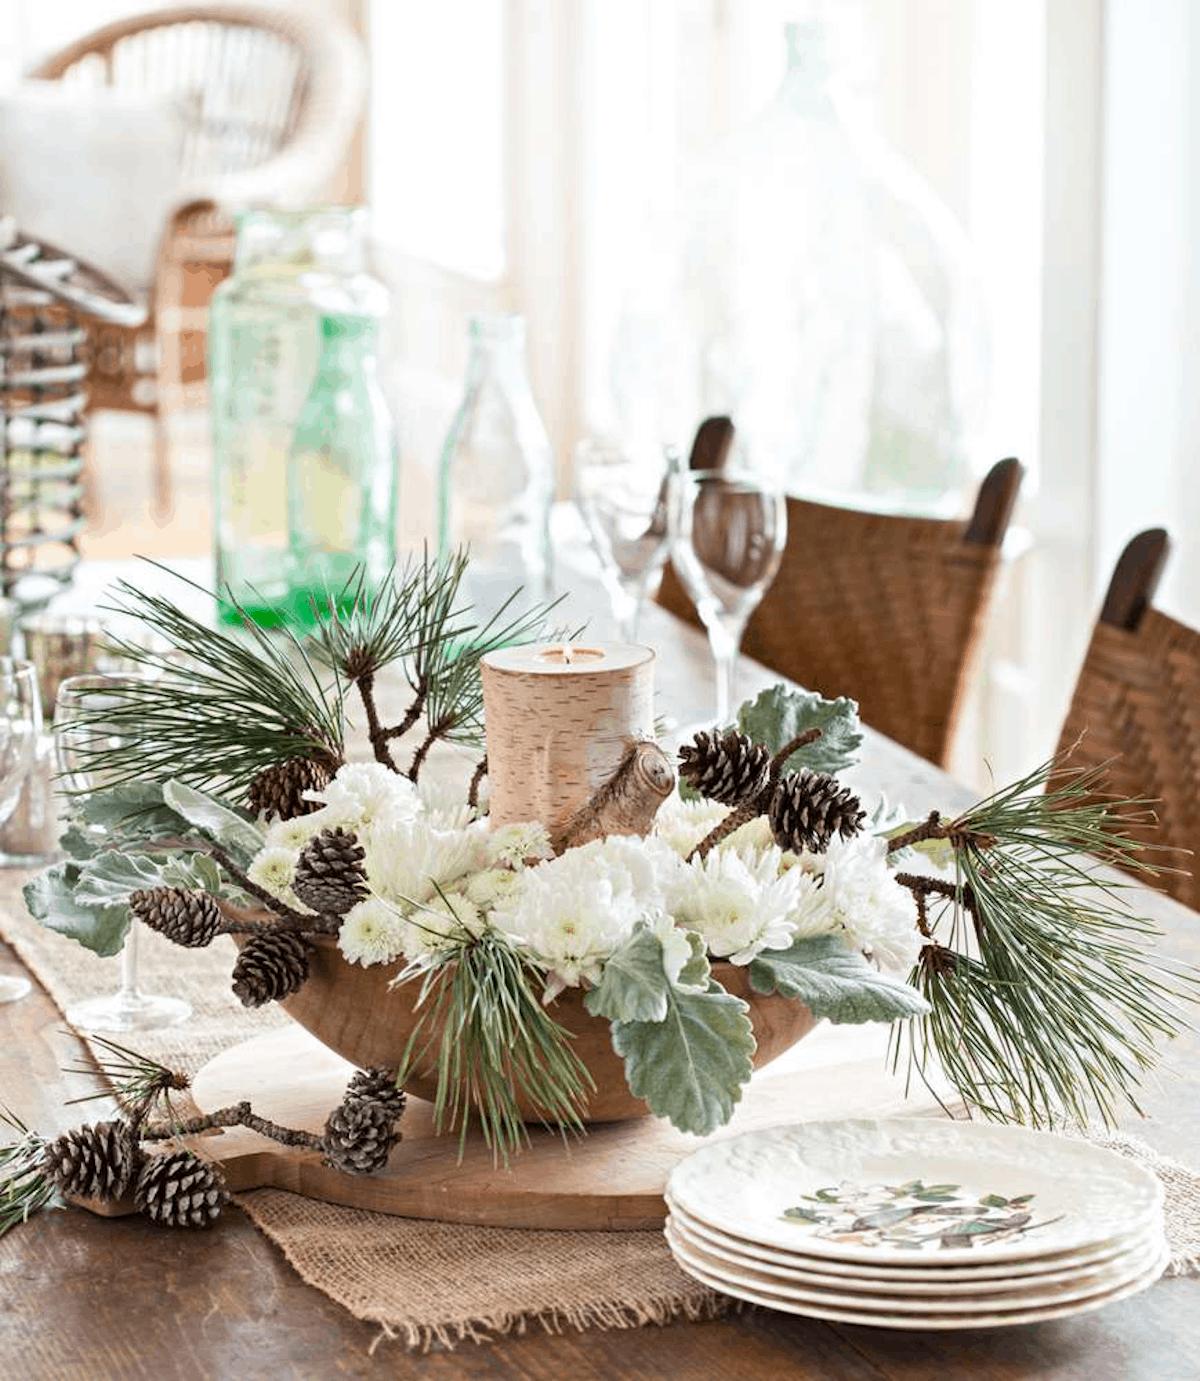 Cómo presentar una mesa de Navidad perfecta 18